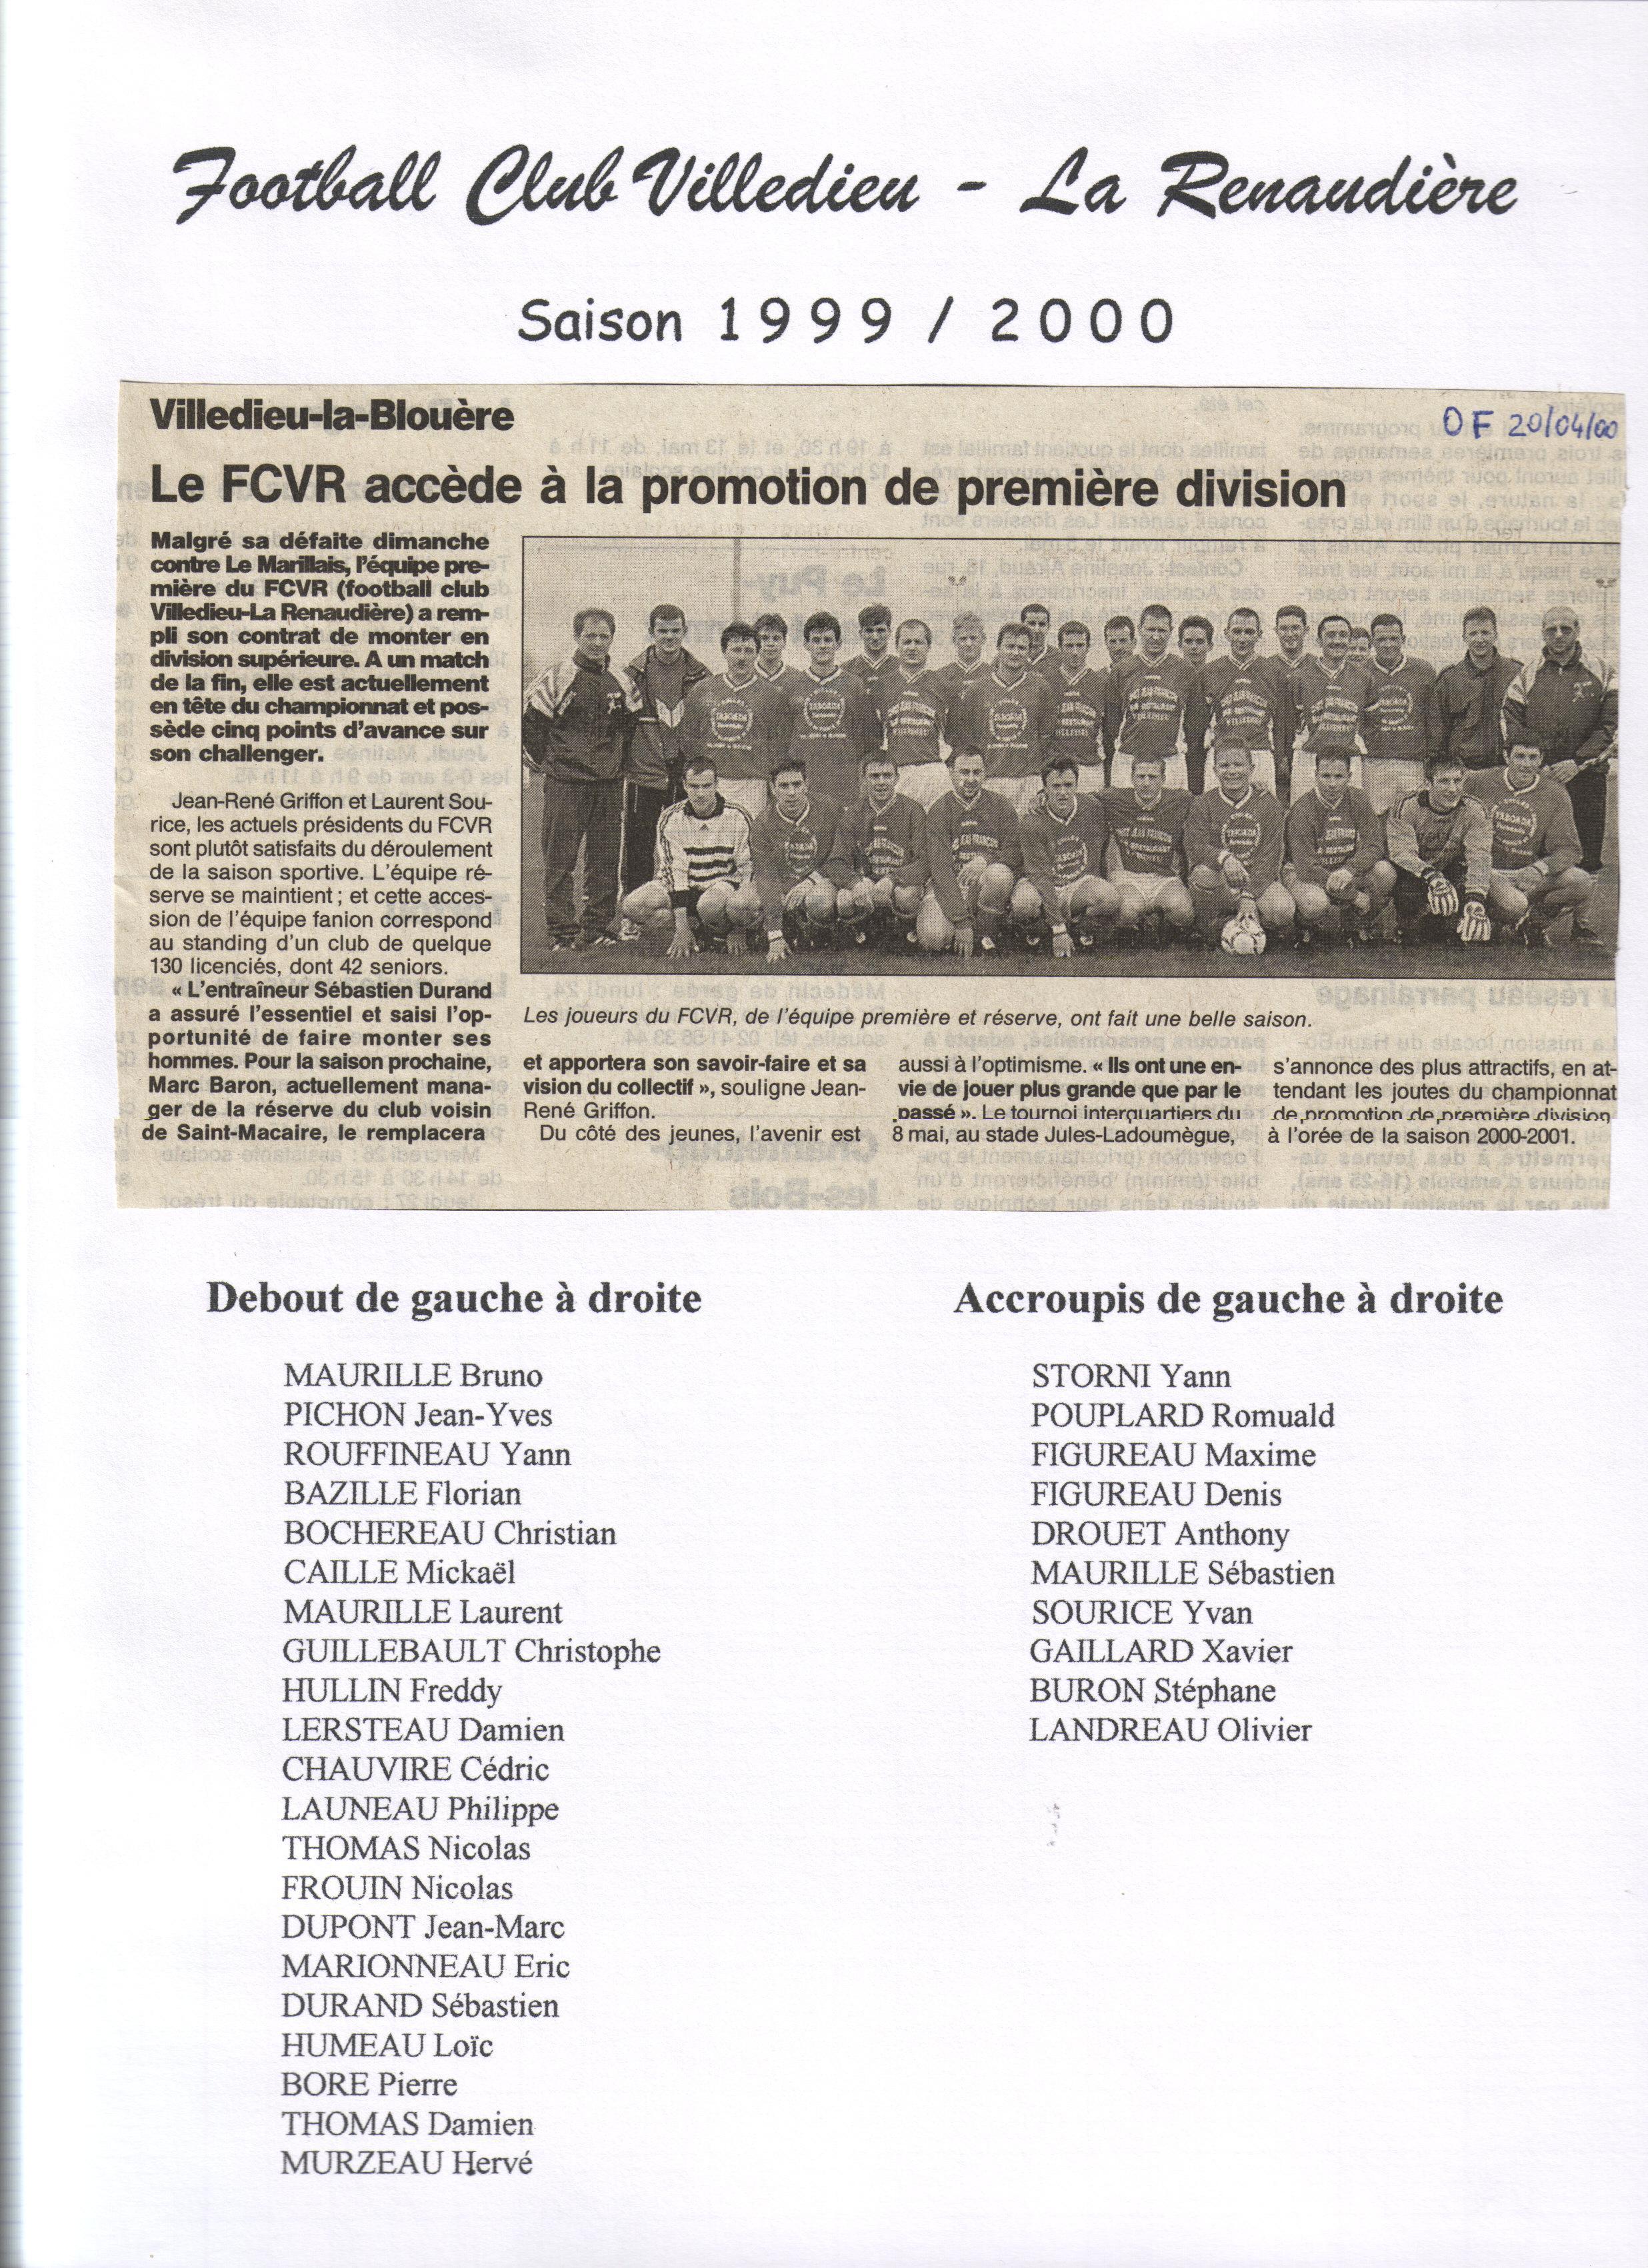 montee-p1-1999-00-co-20-04-00